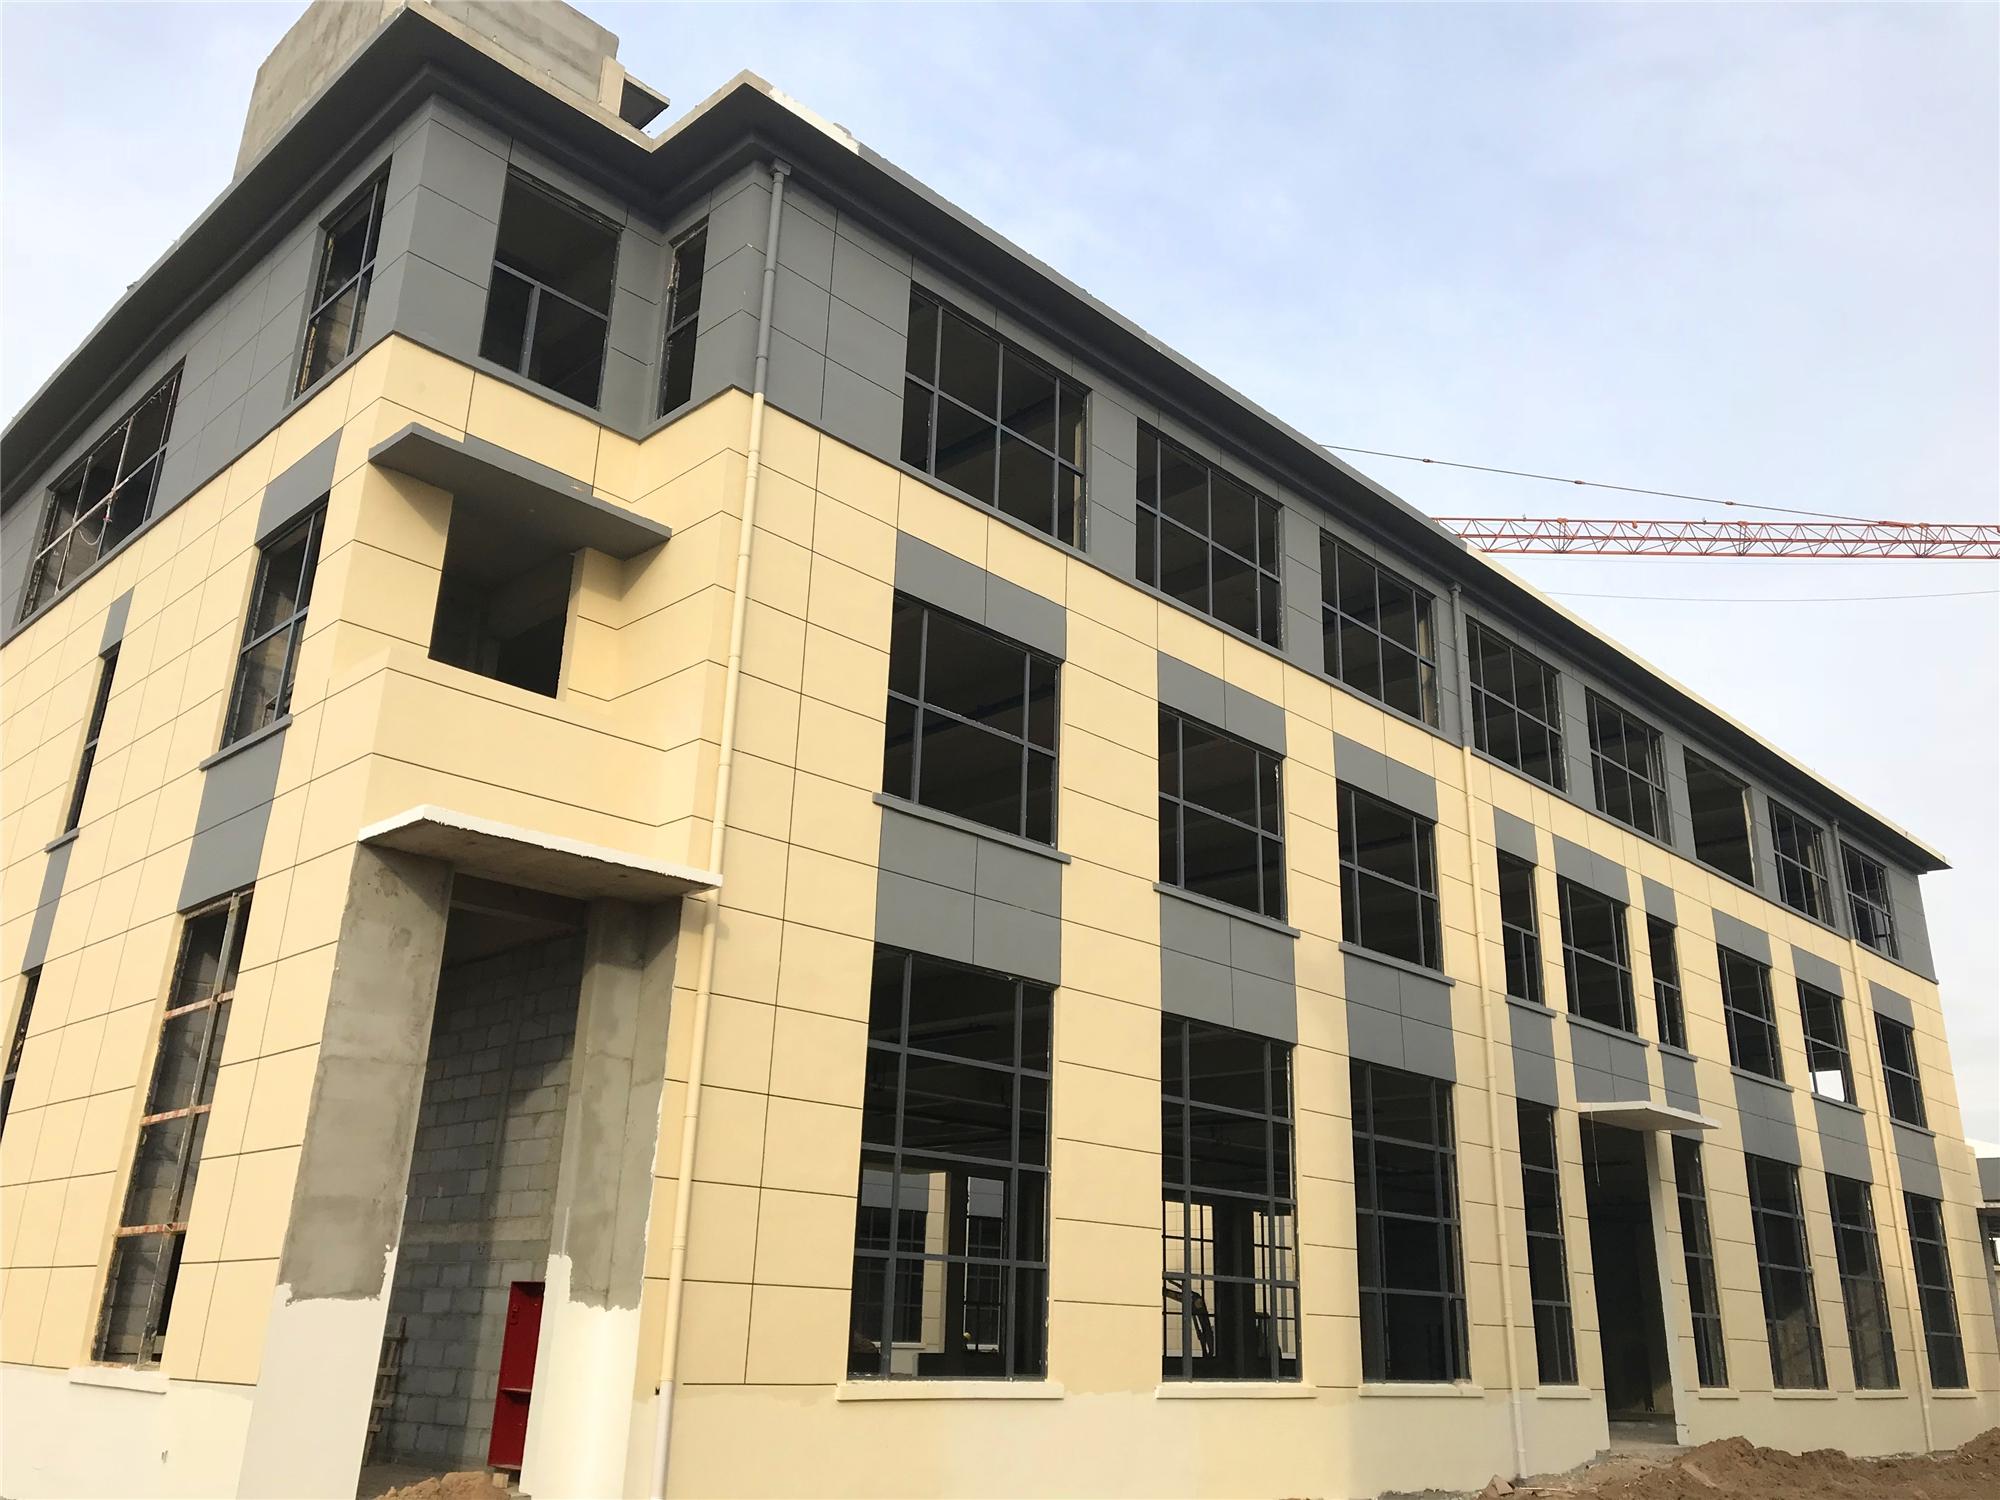 热烈祝贺夏津文化创意国际产业园与义乌市高准进出口有限公司达成战略合作